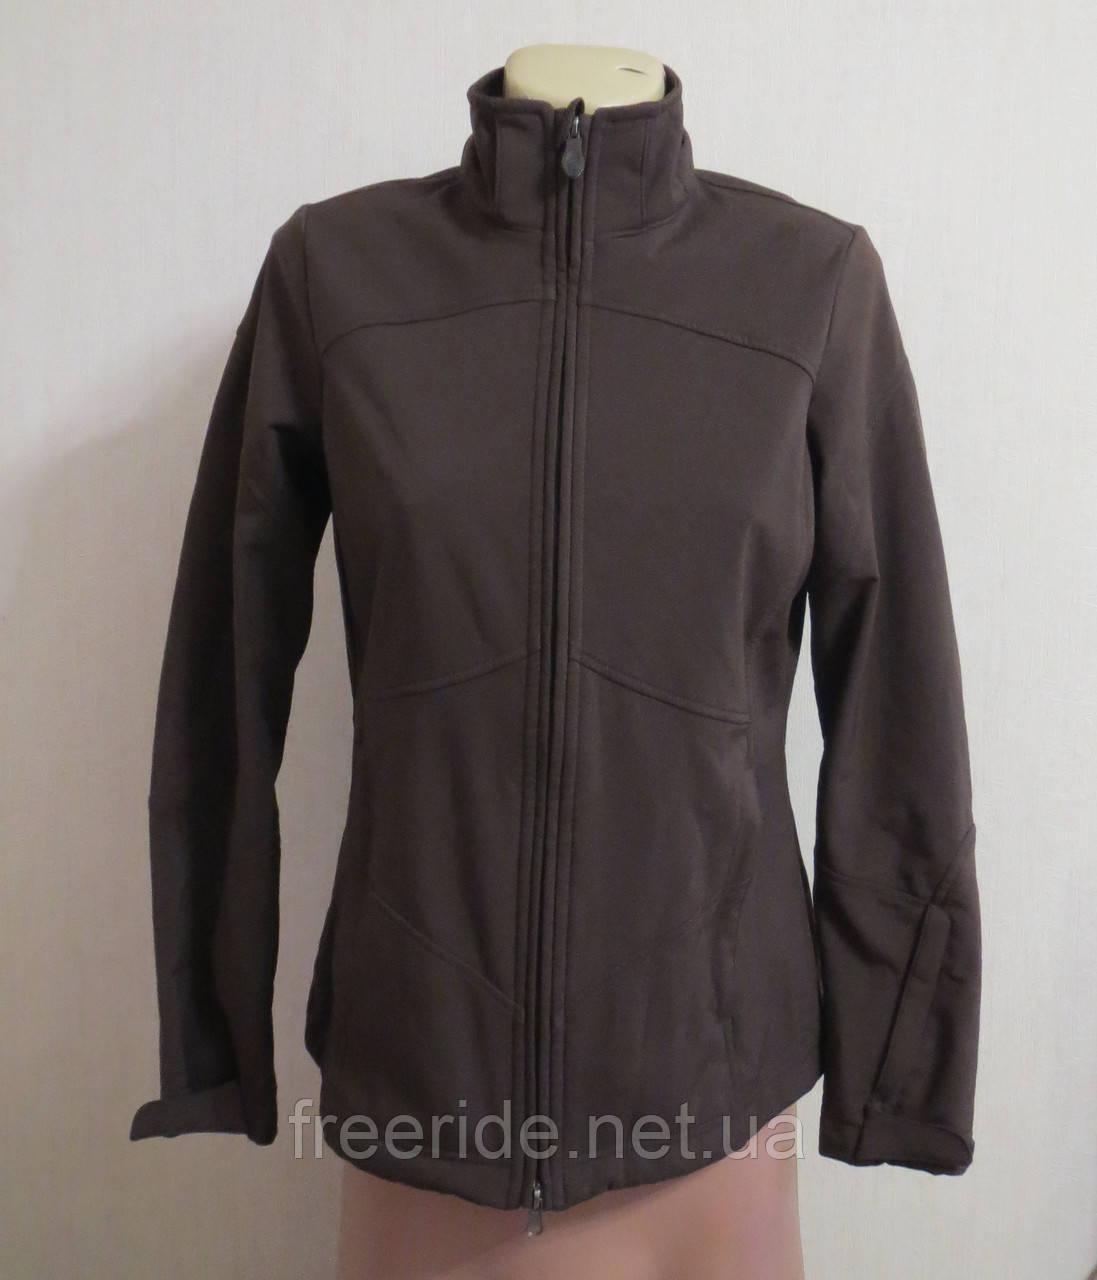 Куртка софтшелл жіночий ТСМ Alpine (38) на флісі